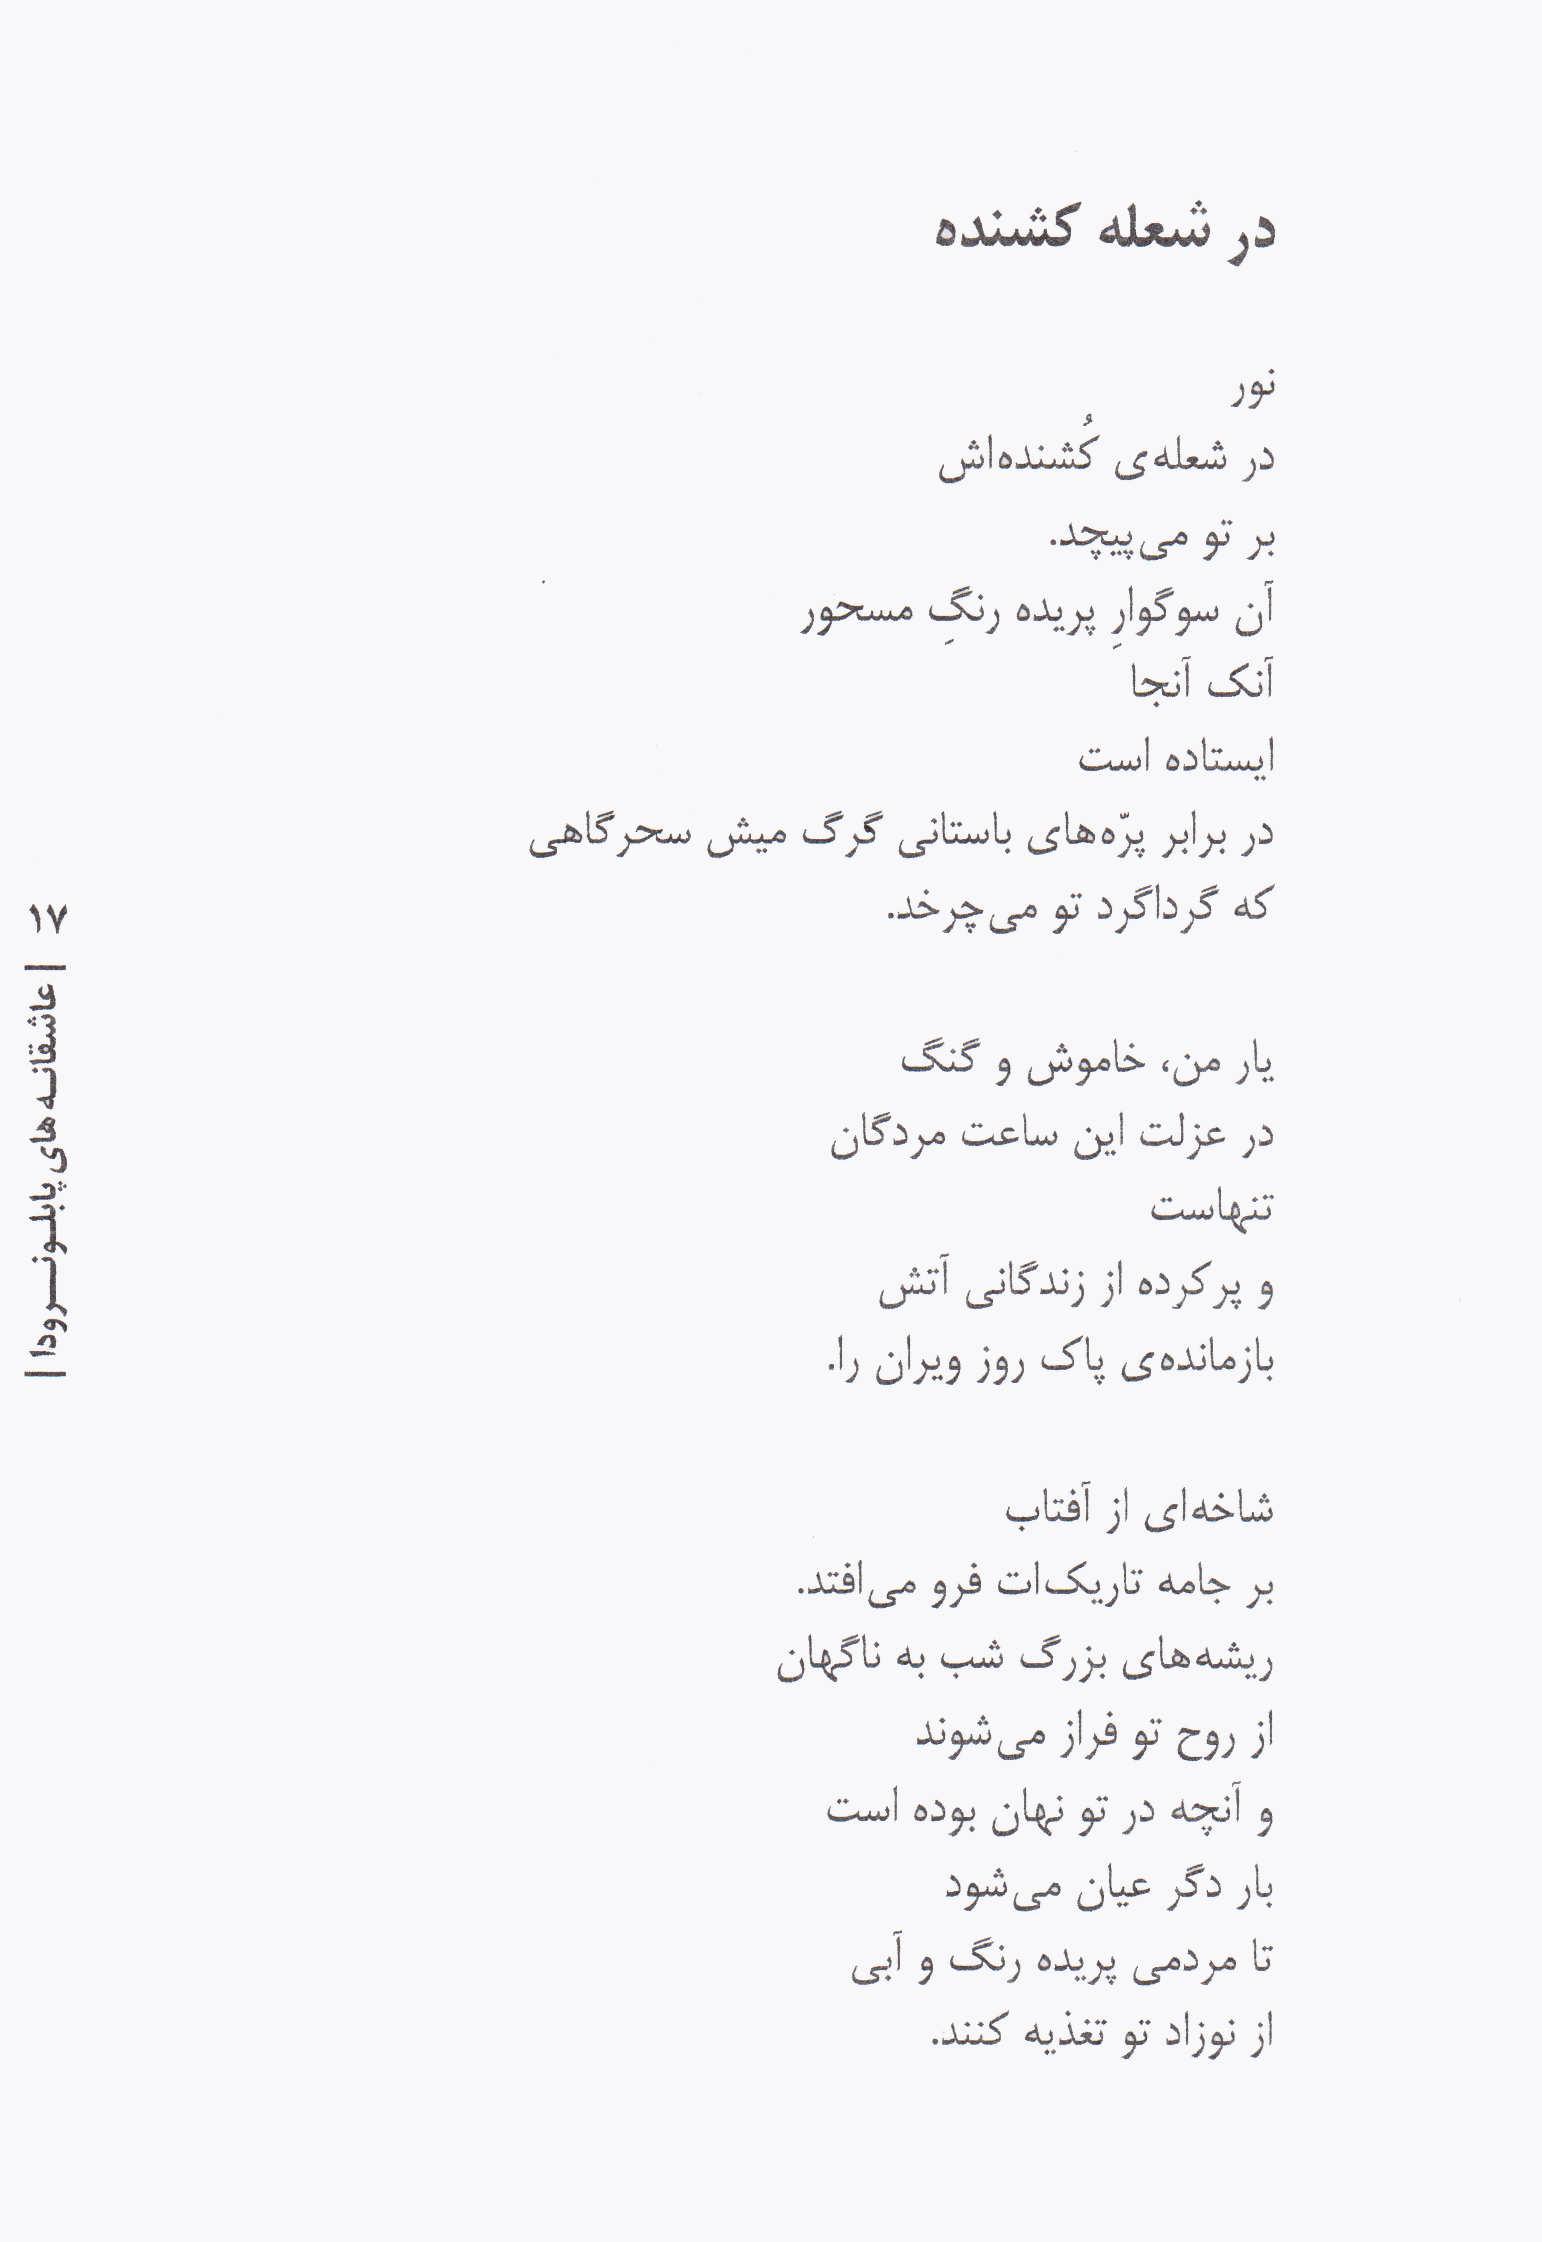 عاشقانه های پابلو نرودا:بیست ترانه عاشقانه (شعر جهان16)